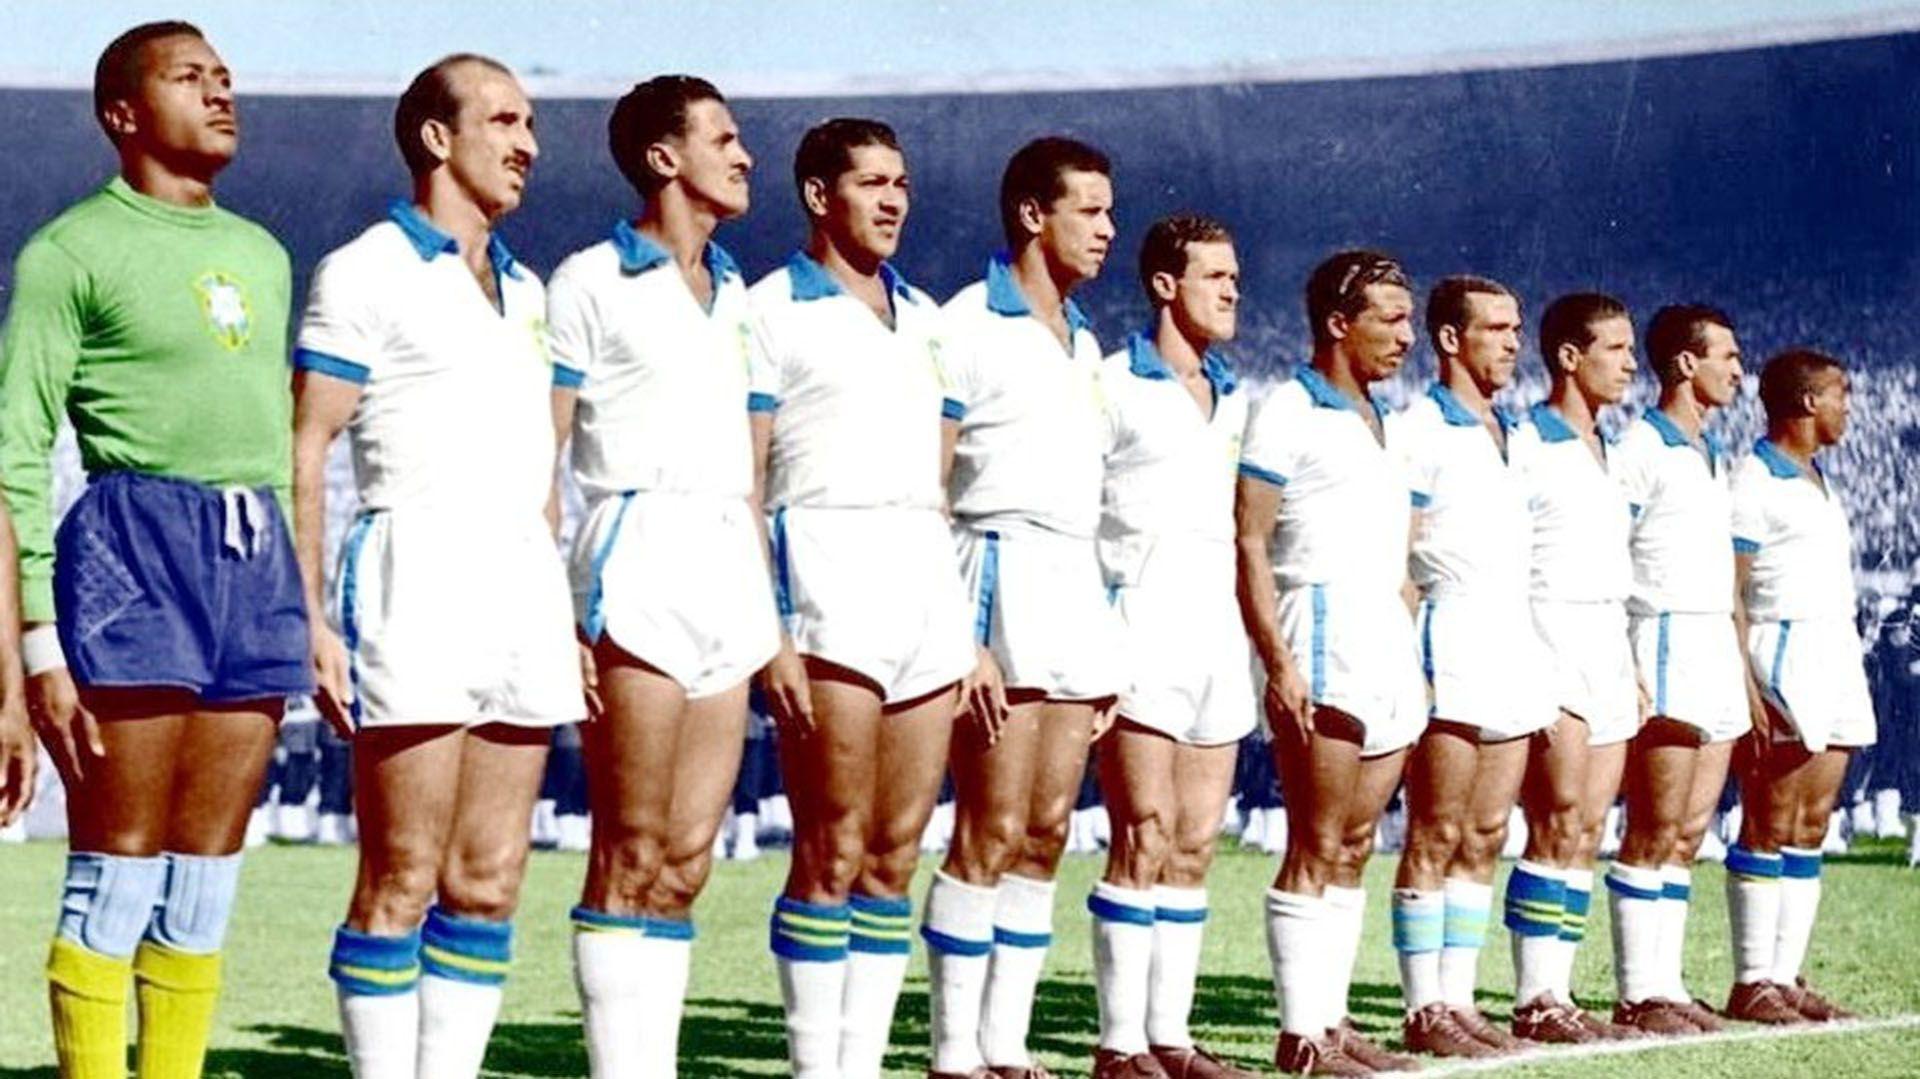 Una imagen histórica: la selección brasileña en la definición del Mundial 1950 en el Maracaná